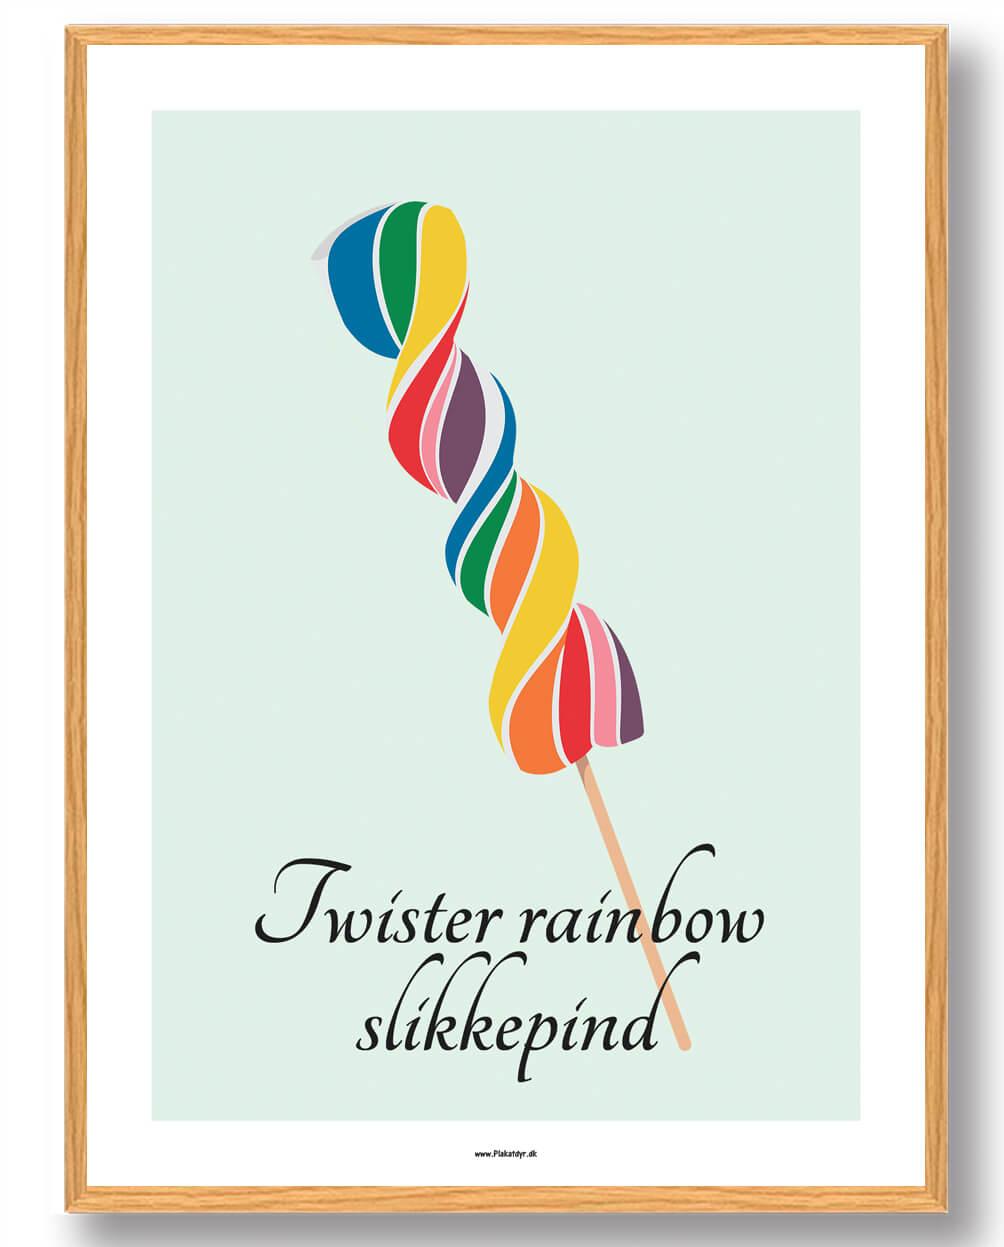 Twister rainbow slikkepind - plakat